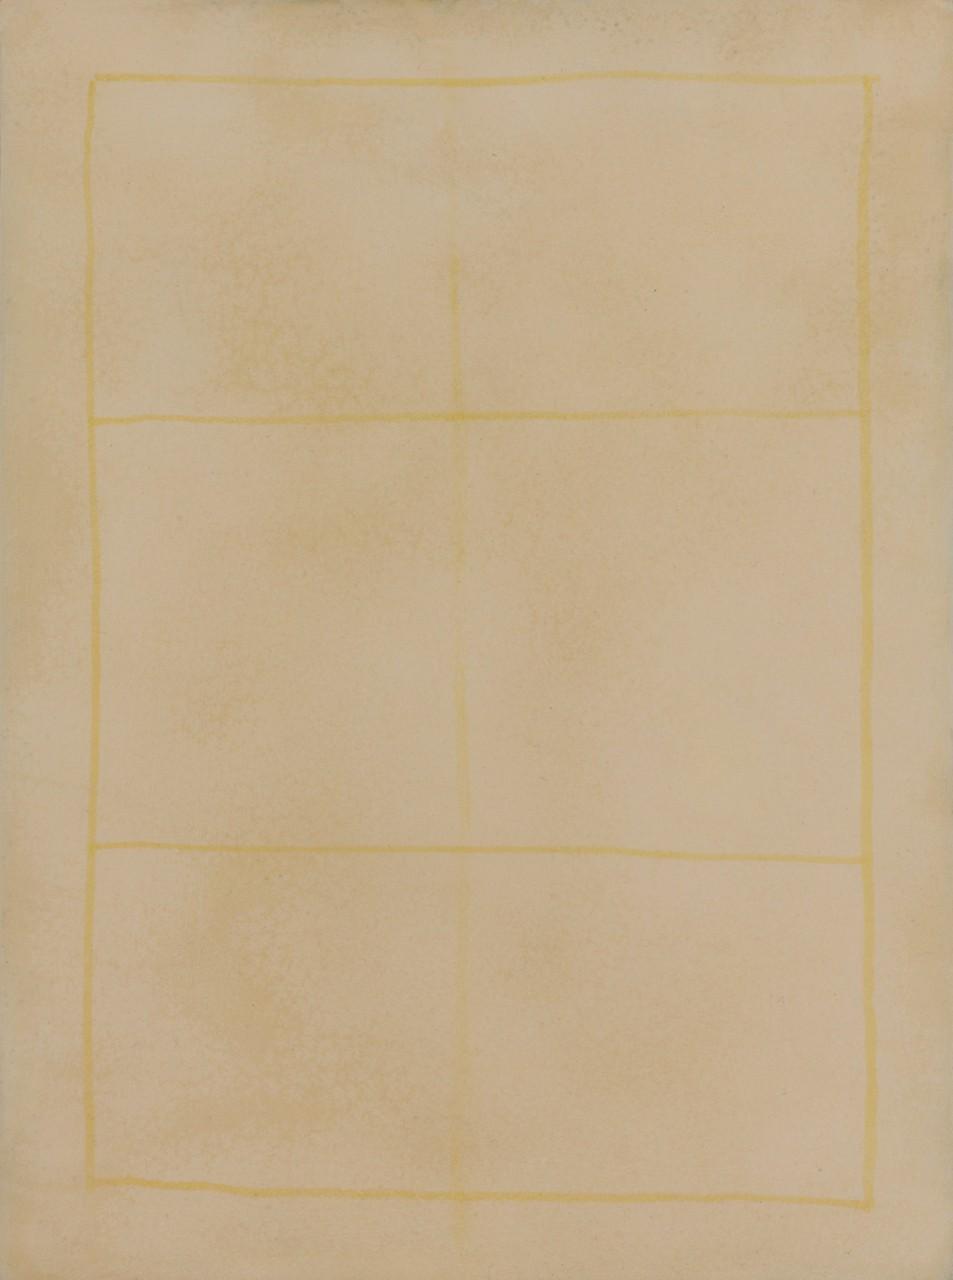 Lichtung V, 2015, Gesso, phosphoreszierende Gesteinsmehle, Schellack, Acryl auf Holz, 25 x 34 cm